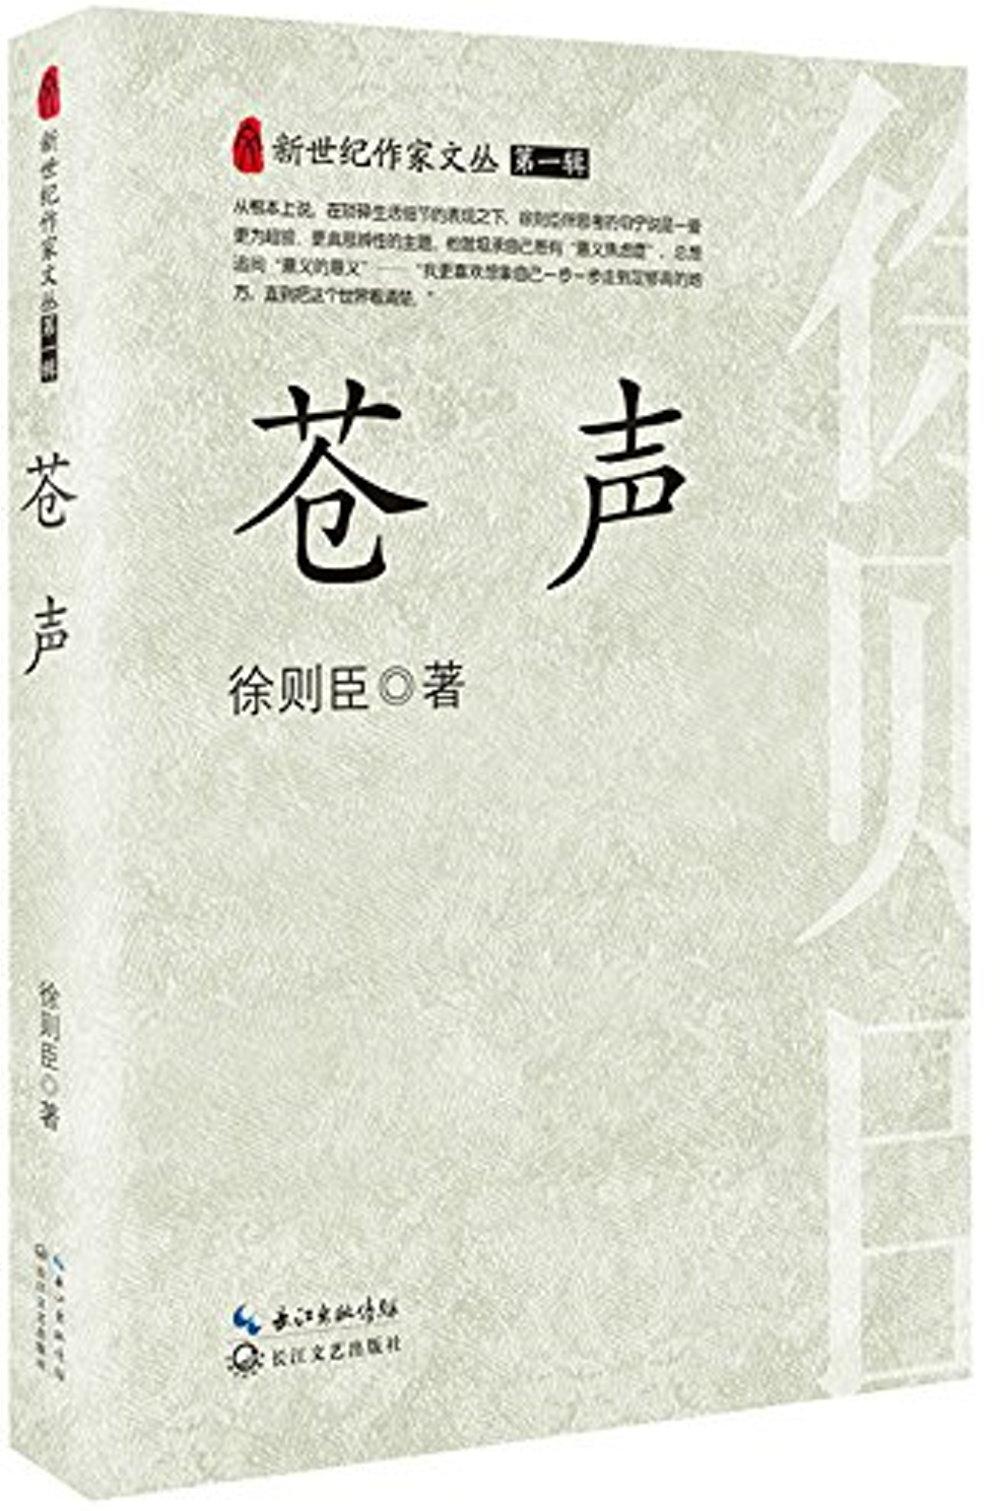 新世紀作家文叢(第一輯):蒼聲